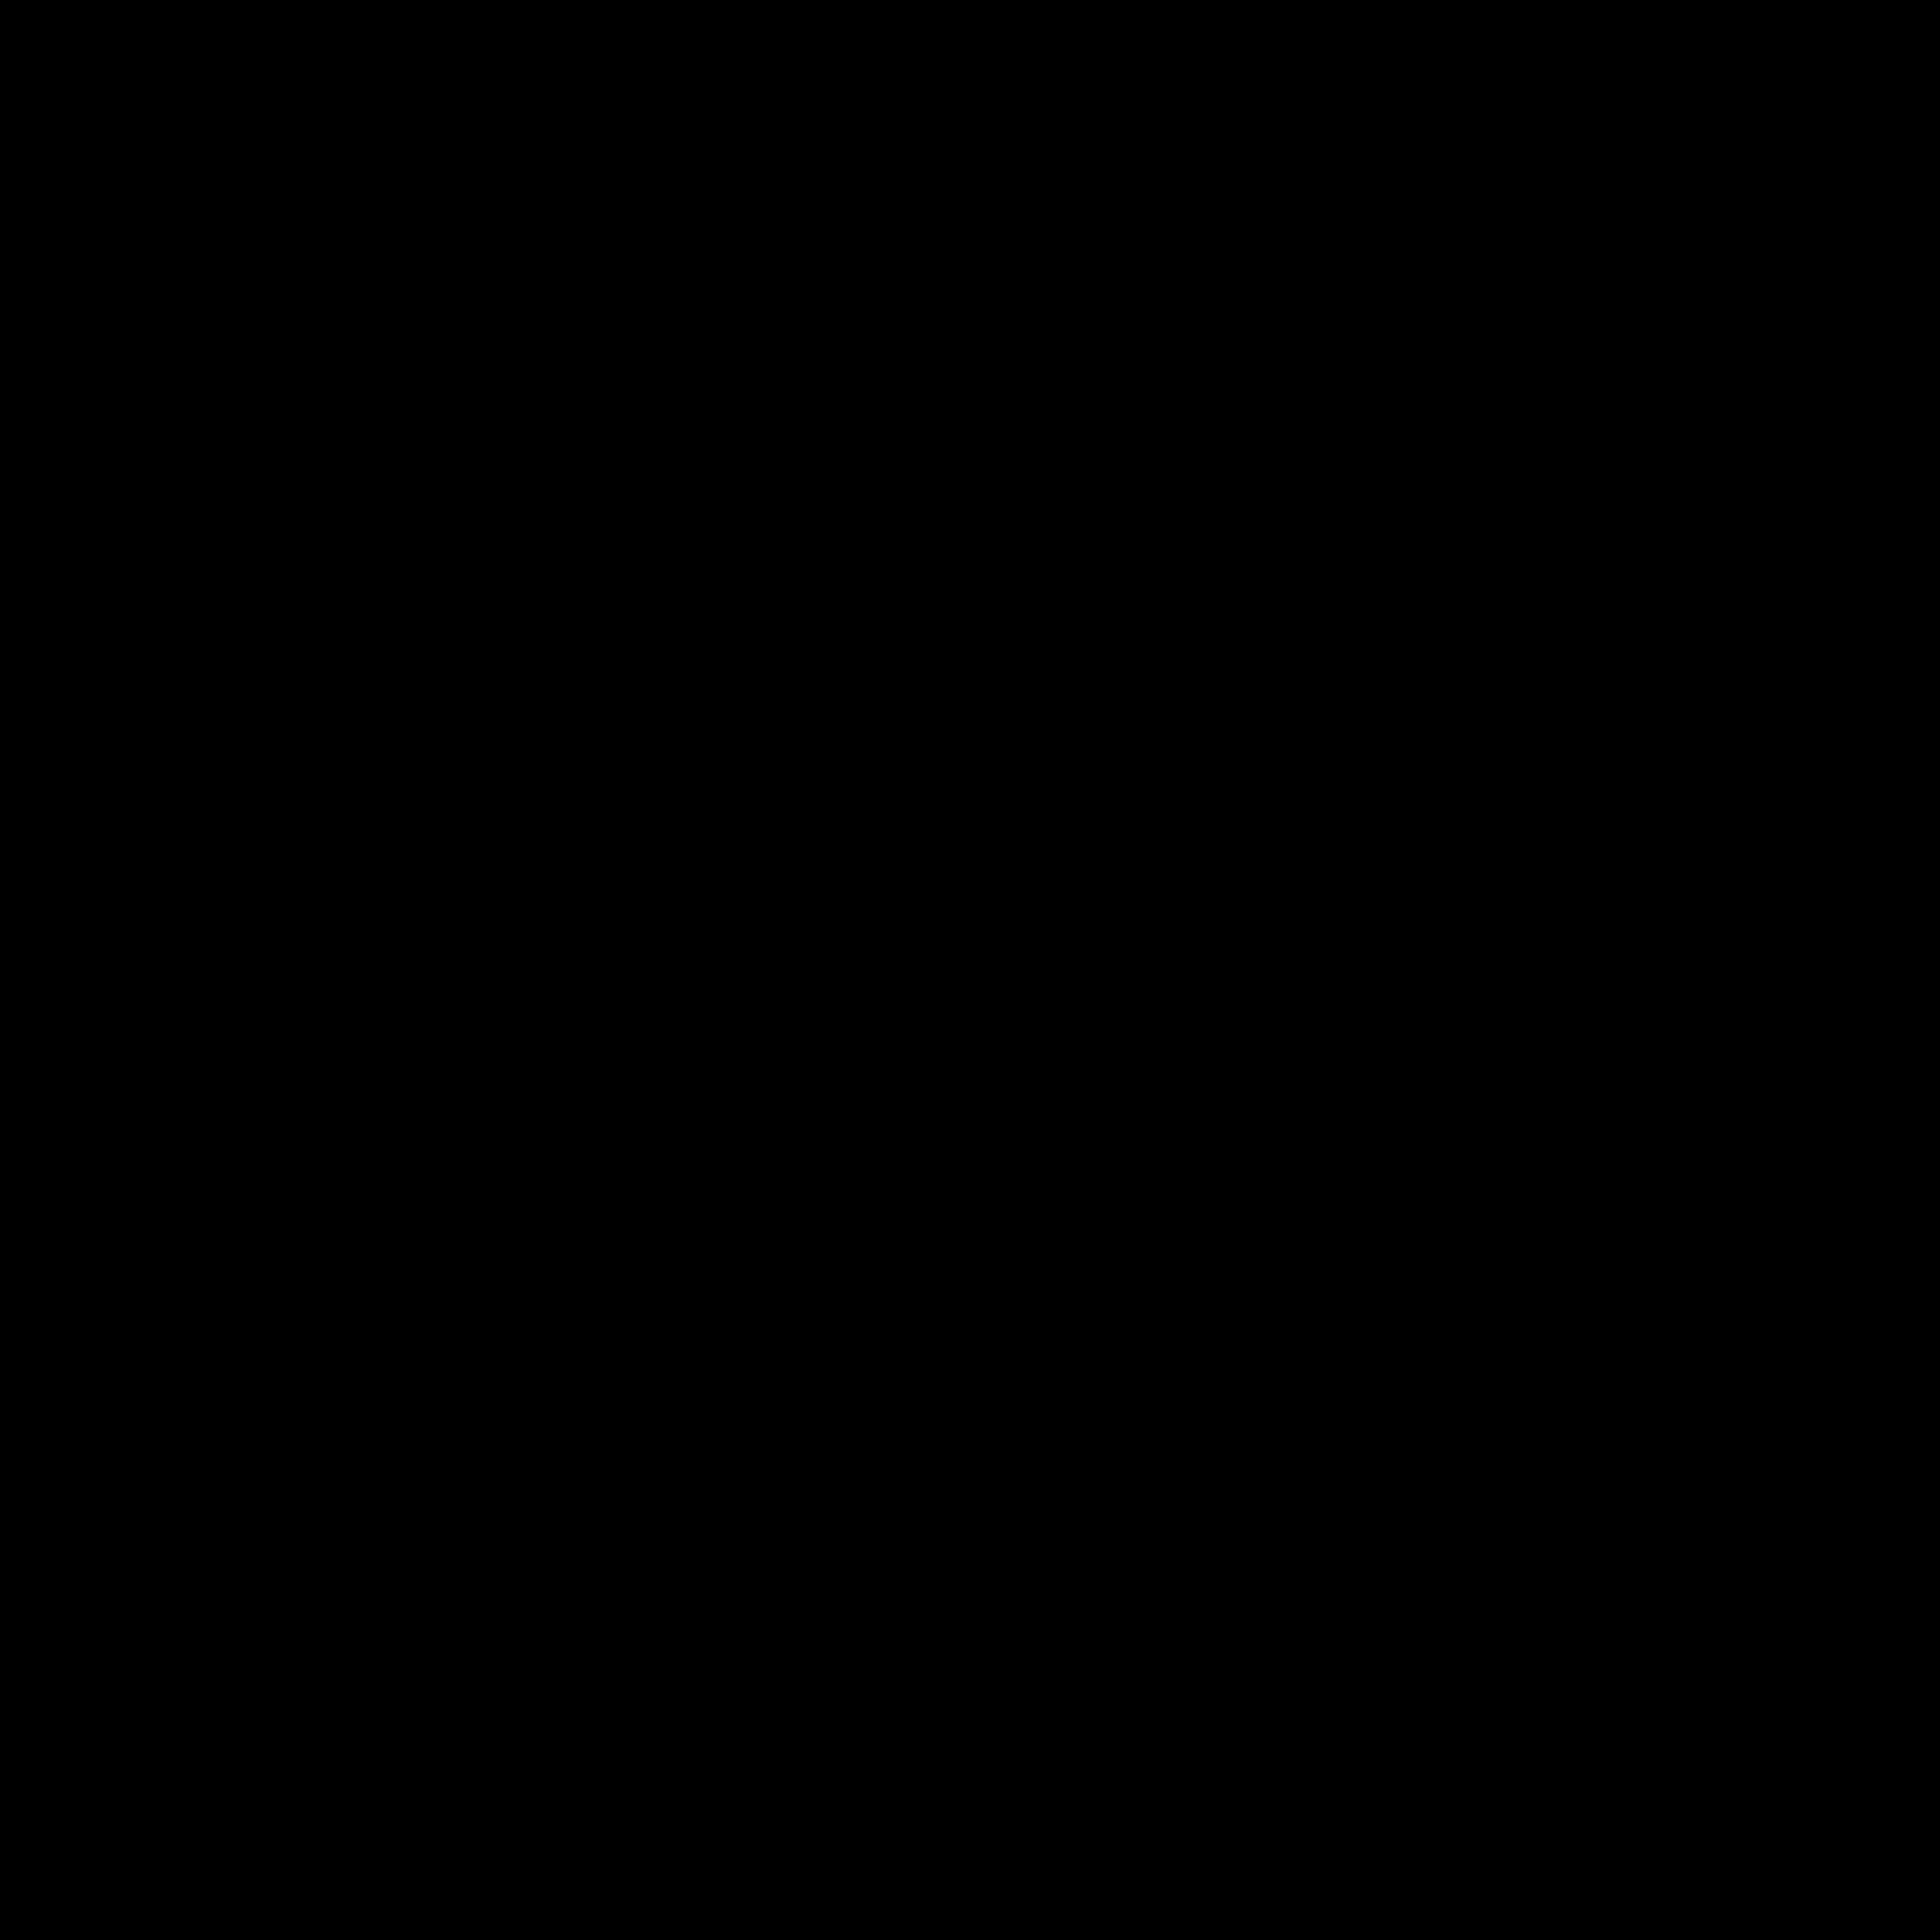 Quartz Premium